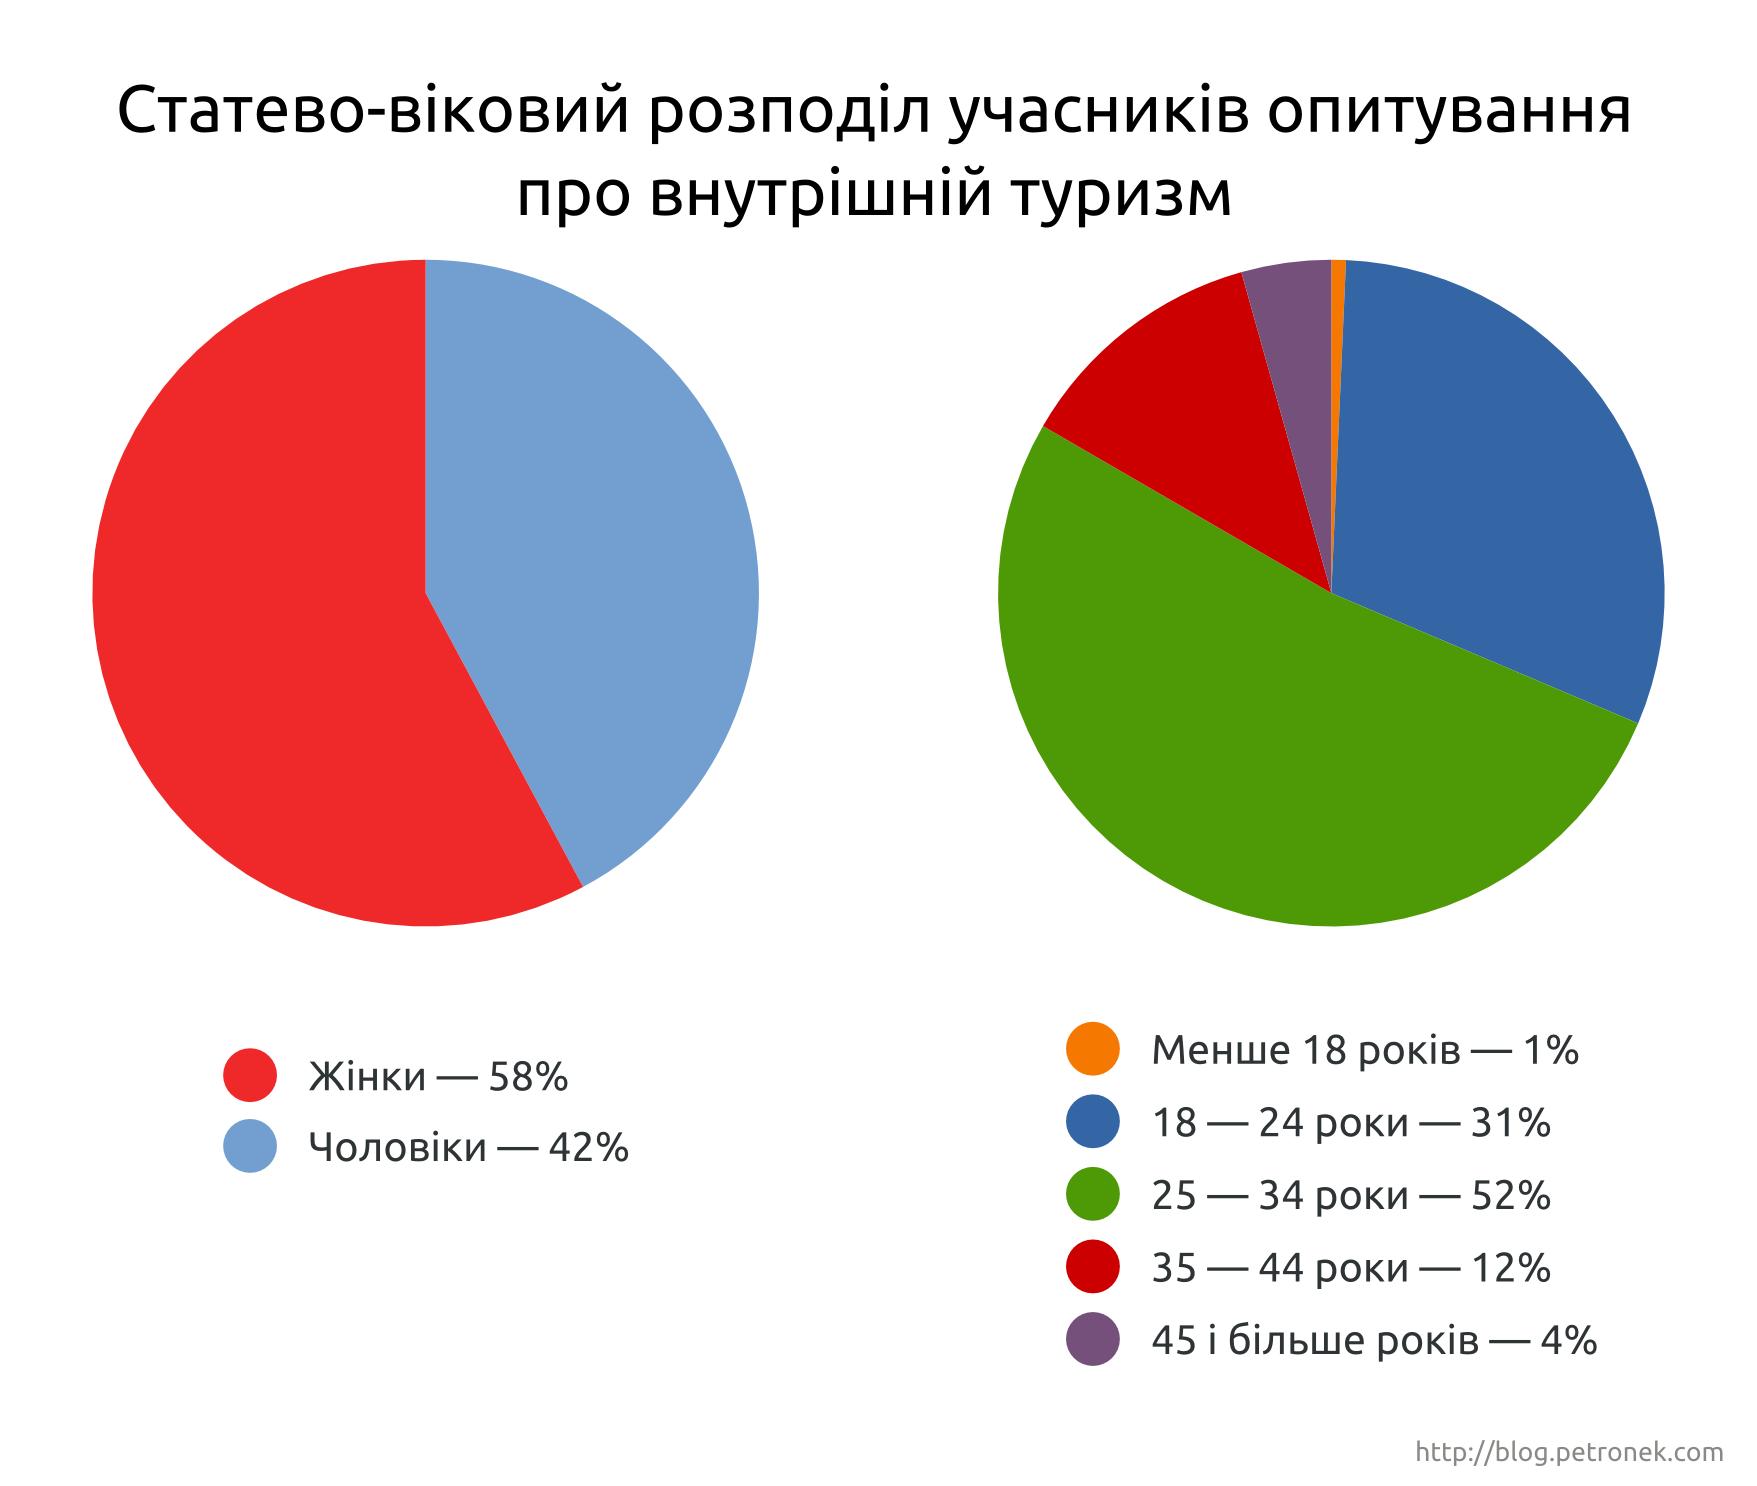 Статево-віковий розподіл учасників опитування про внутрішній туризм